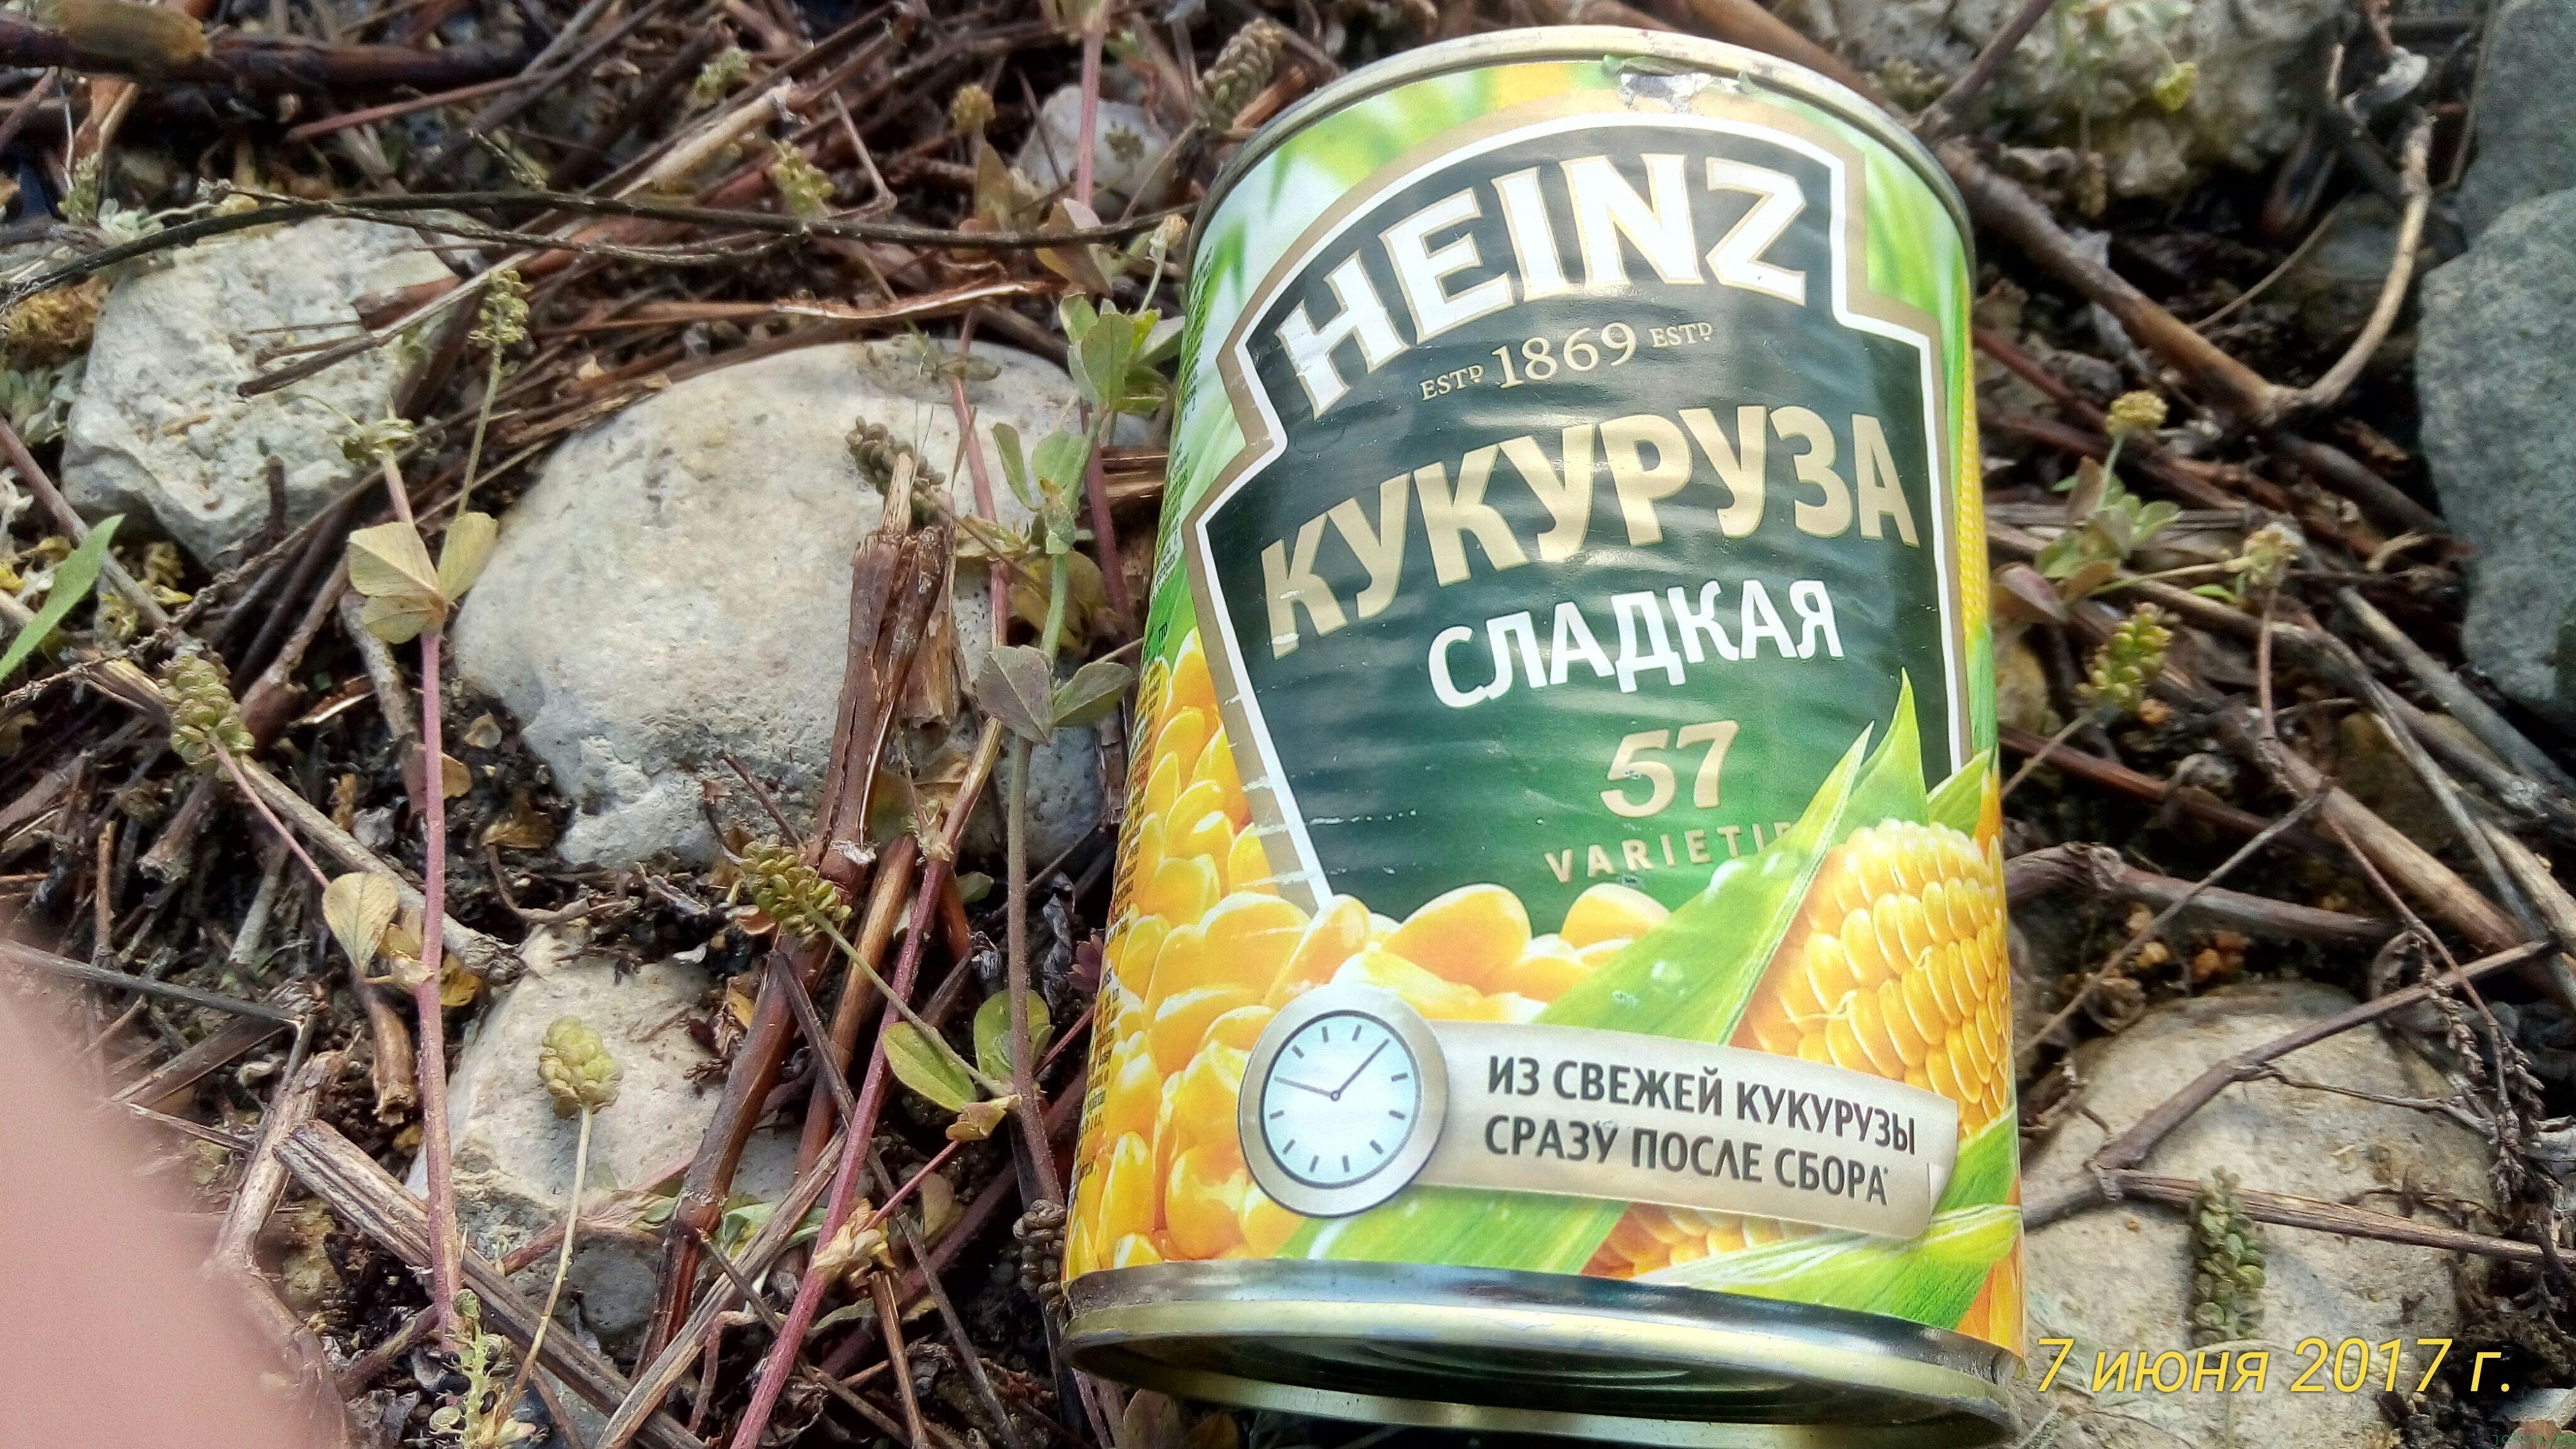 Фото кукурузы для рыбалки фото заметка о моей реальности в Крыму jokya.ru